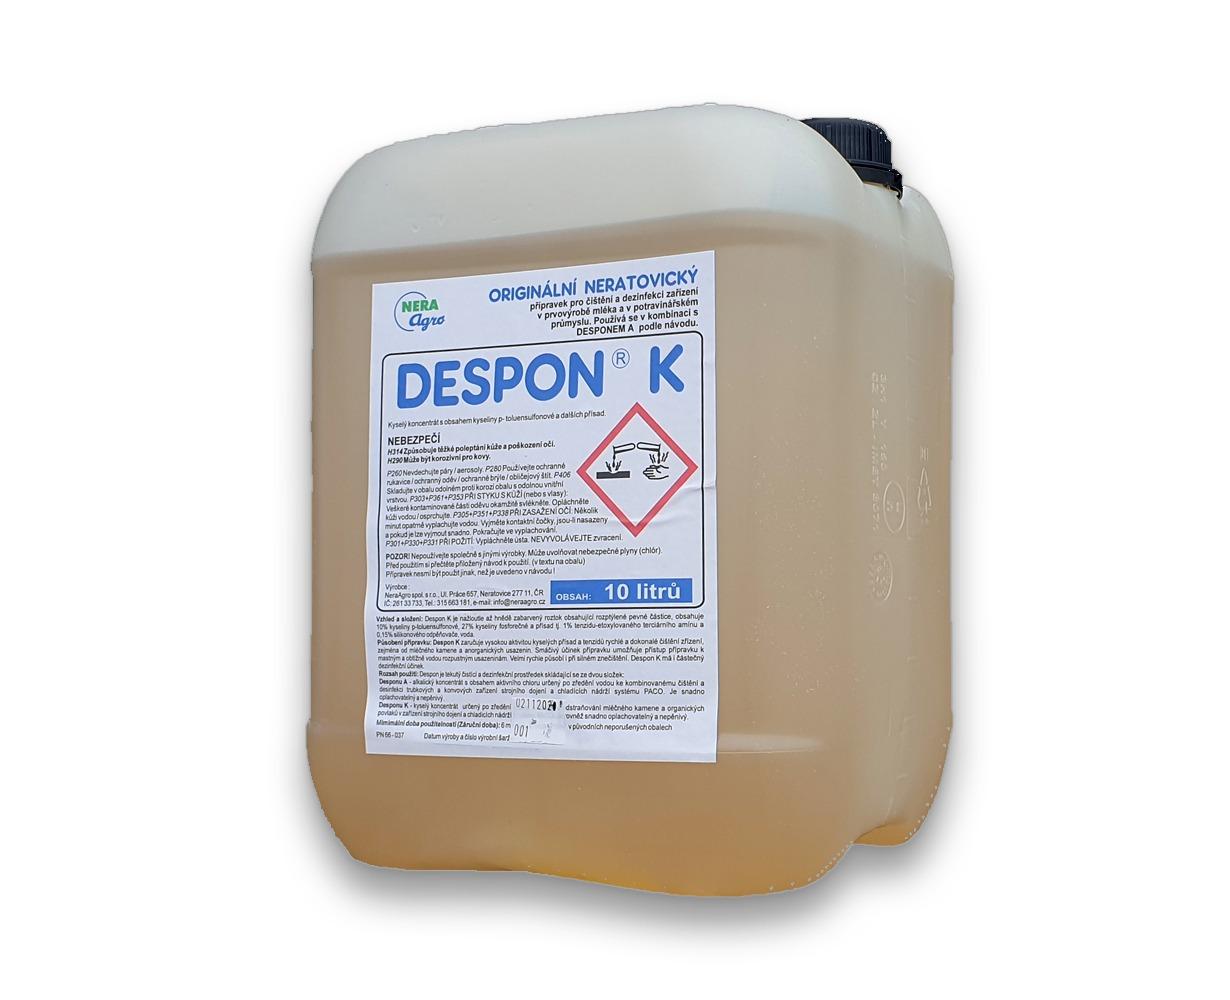 Despon K